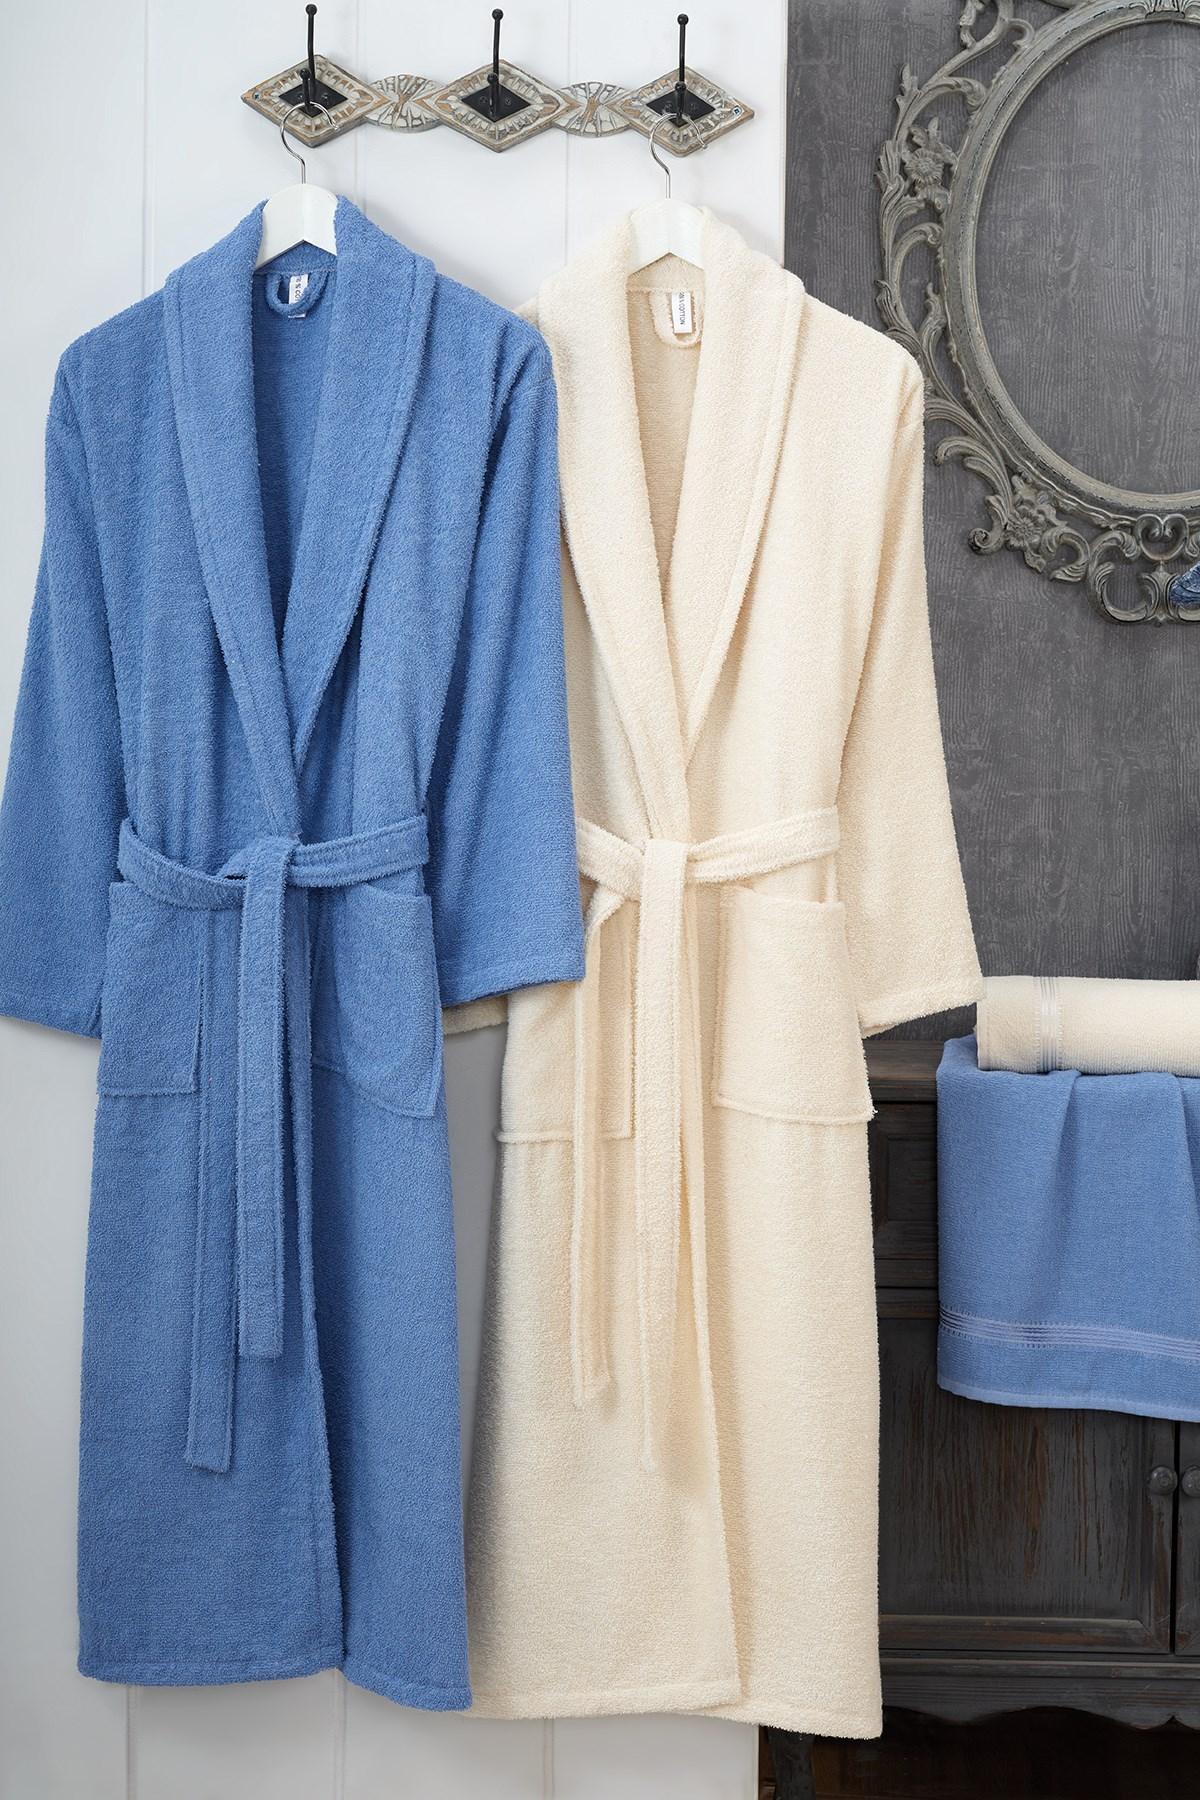 Unisex Bathrobe 100% COTTON Robe Set Thin Fabric Easy Dry Sleepwear Casual Home clothes Nightwear Fast Shipping Turkey Bathroom